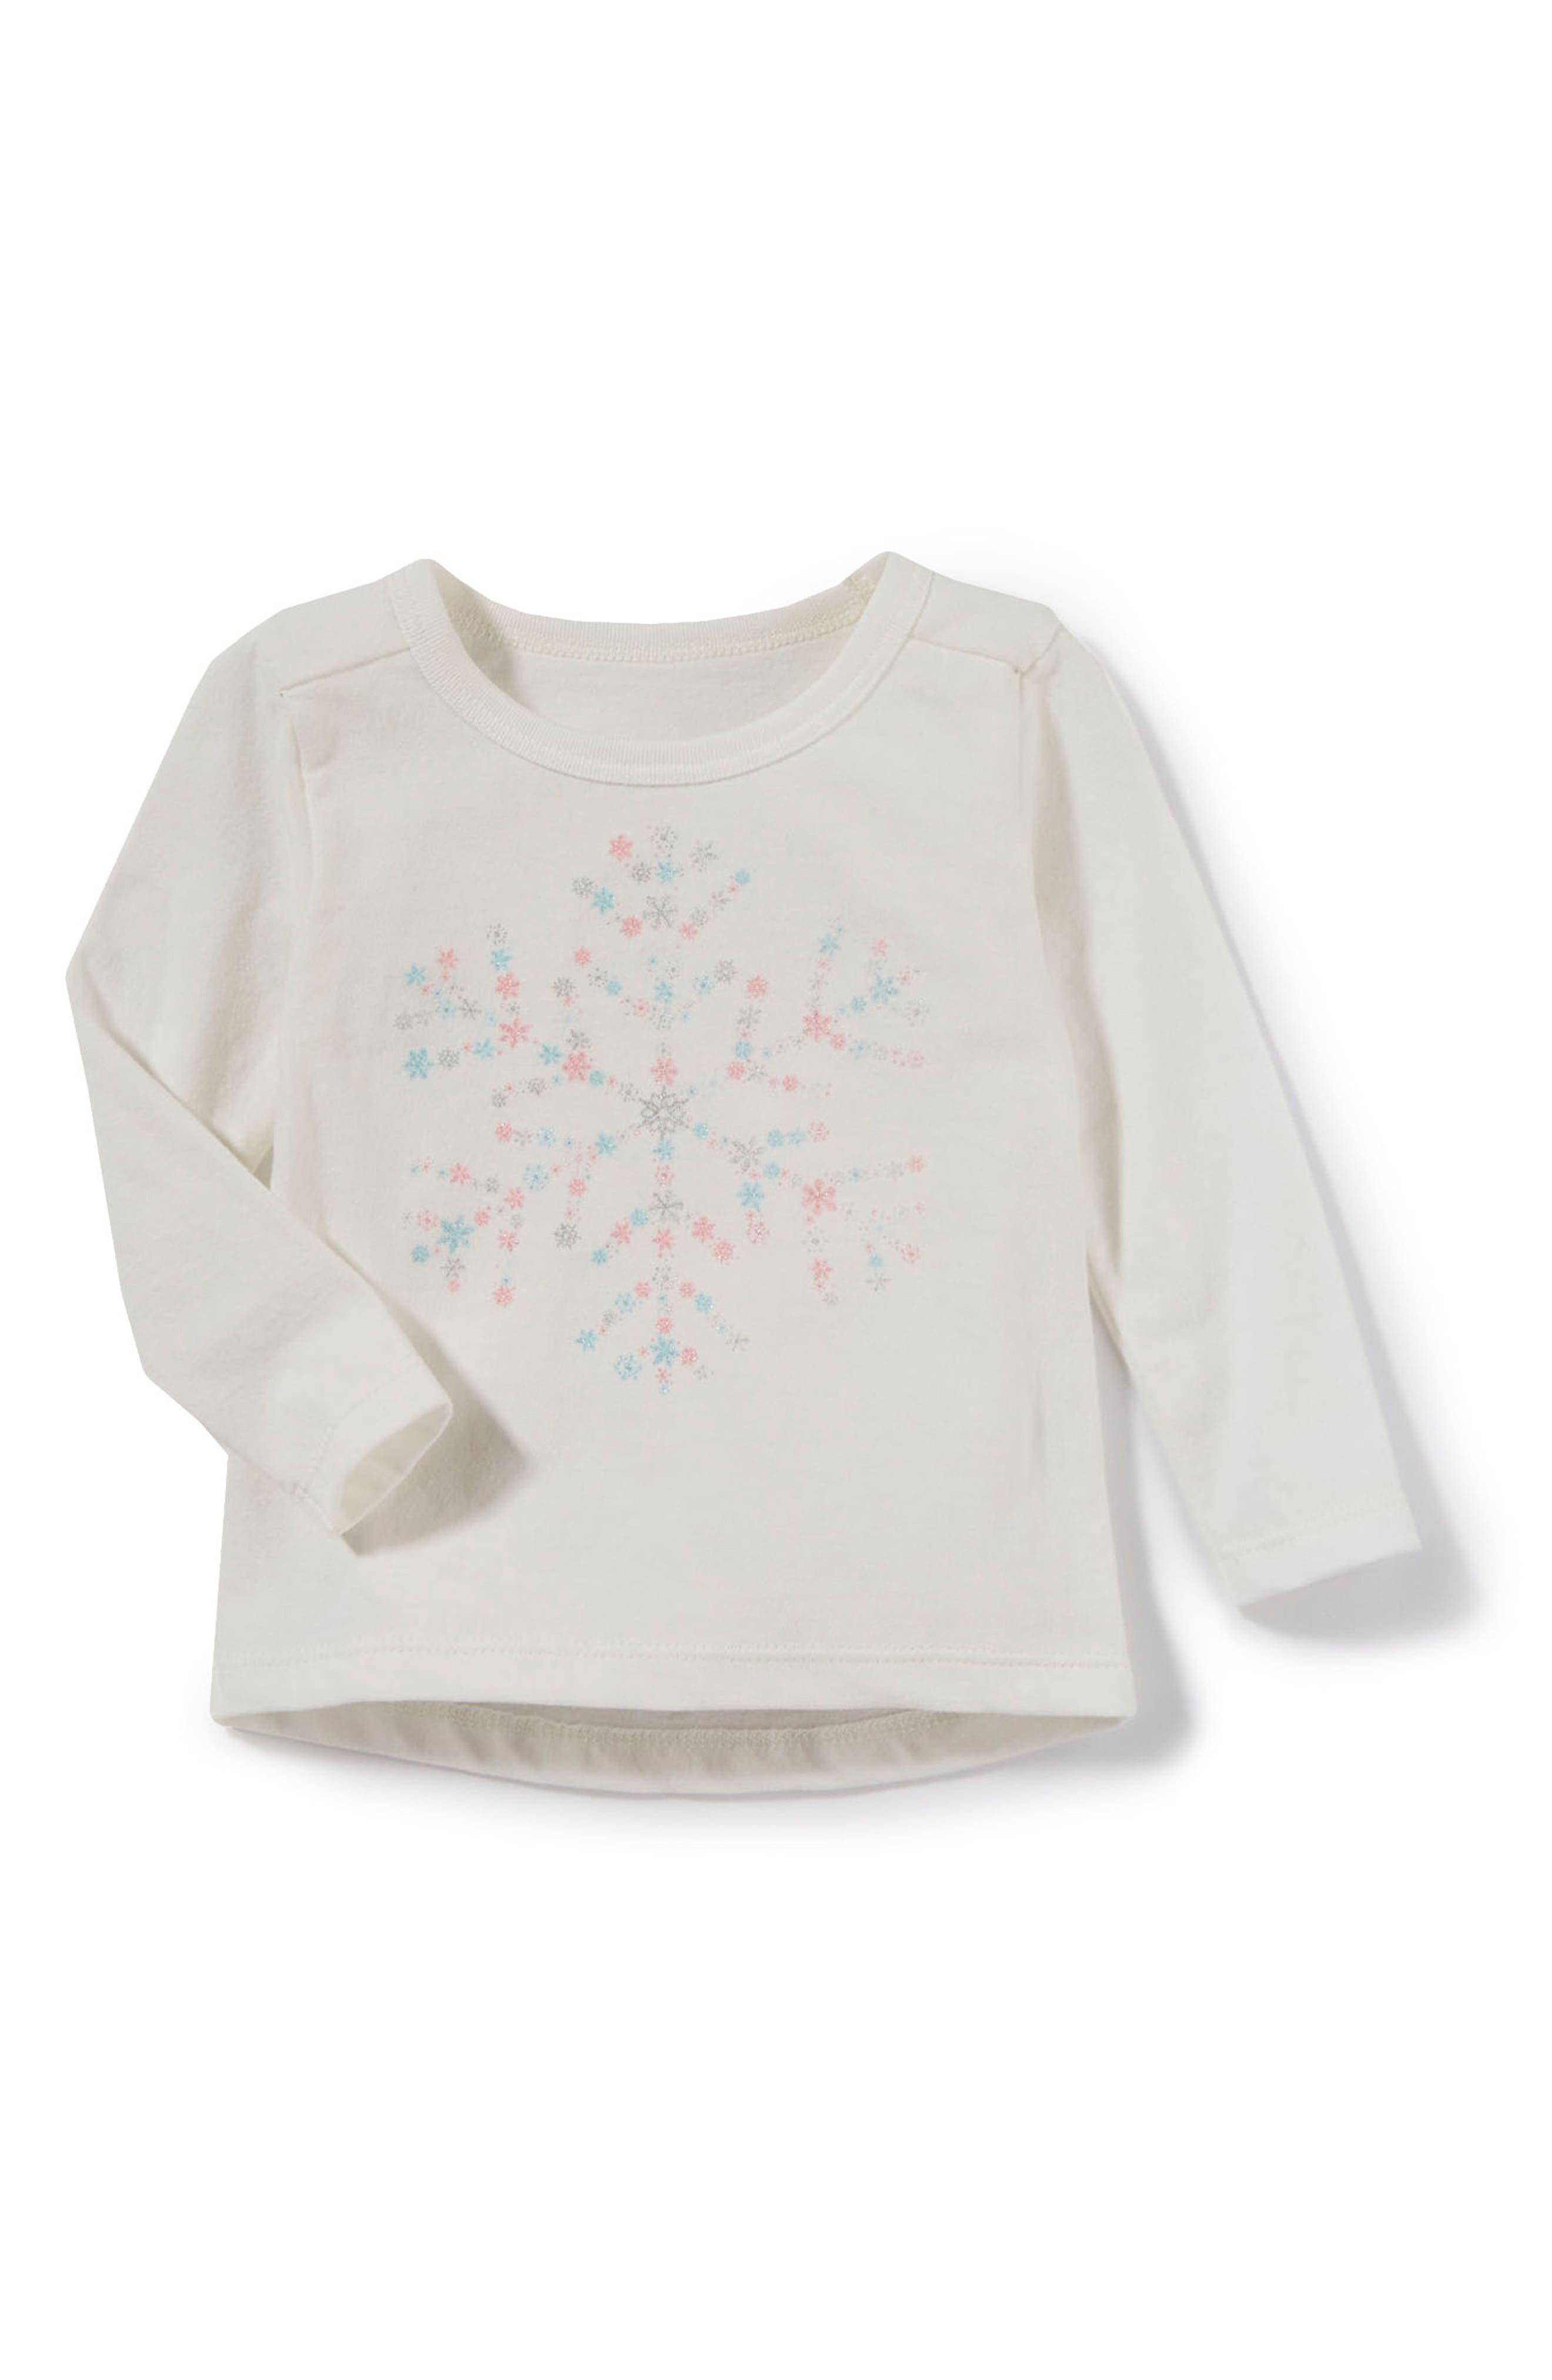 Main Image - Peek Snow Flake Graphic Tee (Baby Girls)